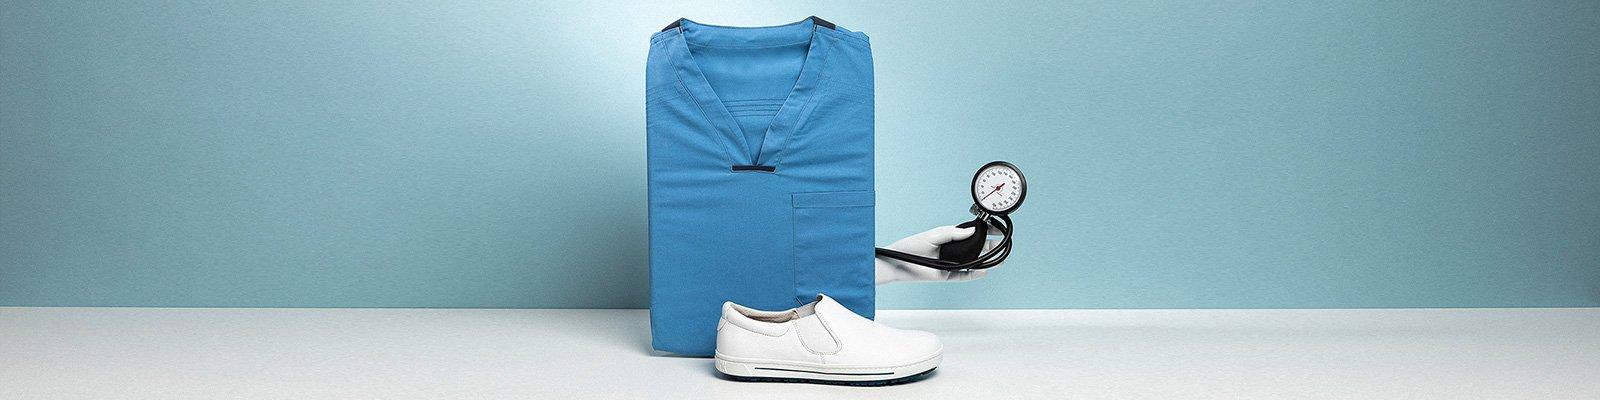 корица на професионални работни обувки BirkenStock с медицинско оборудване